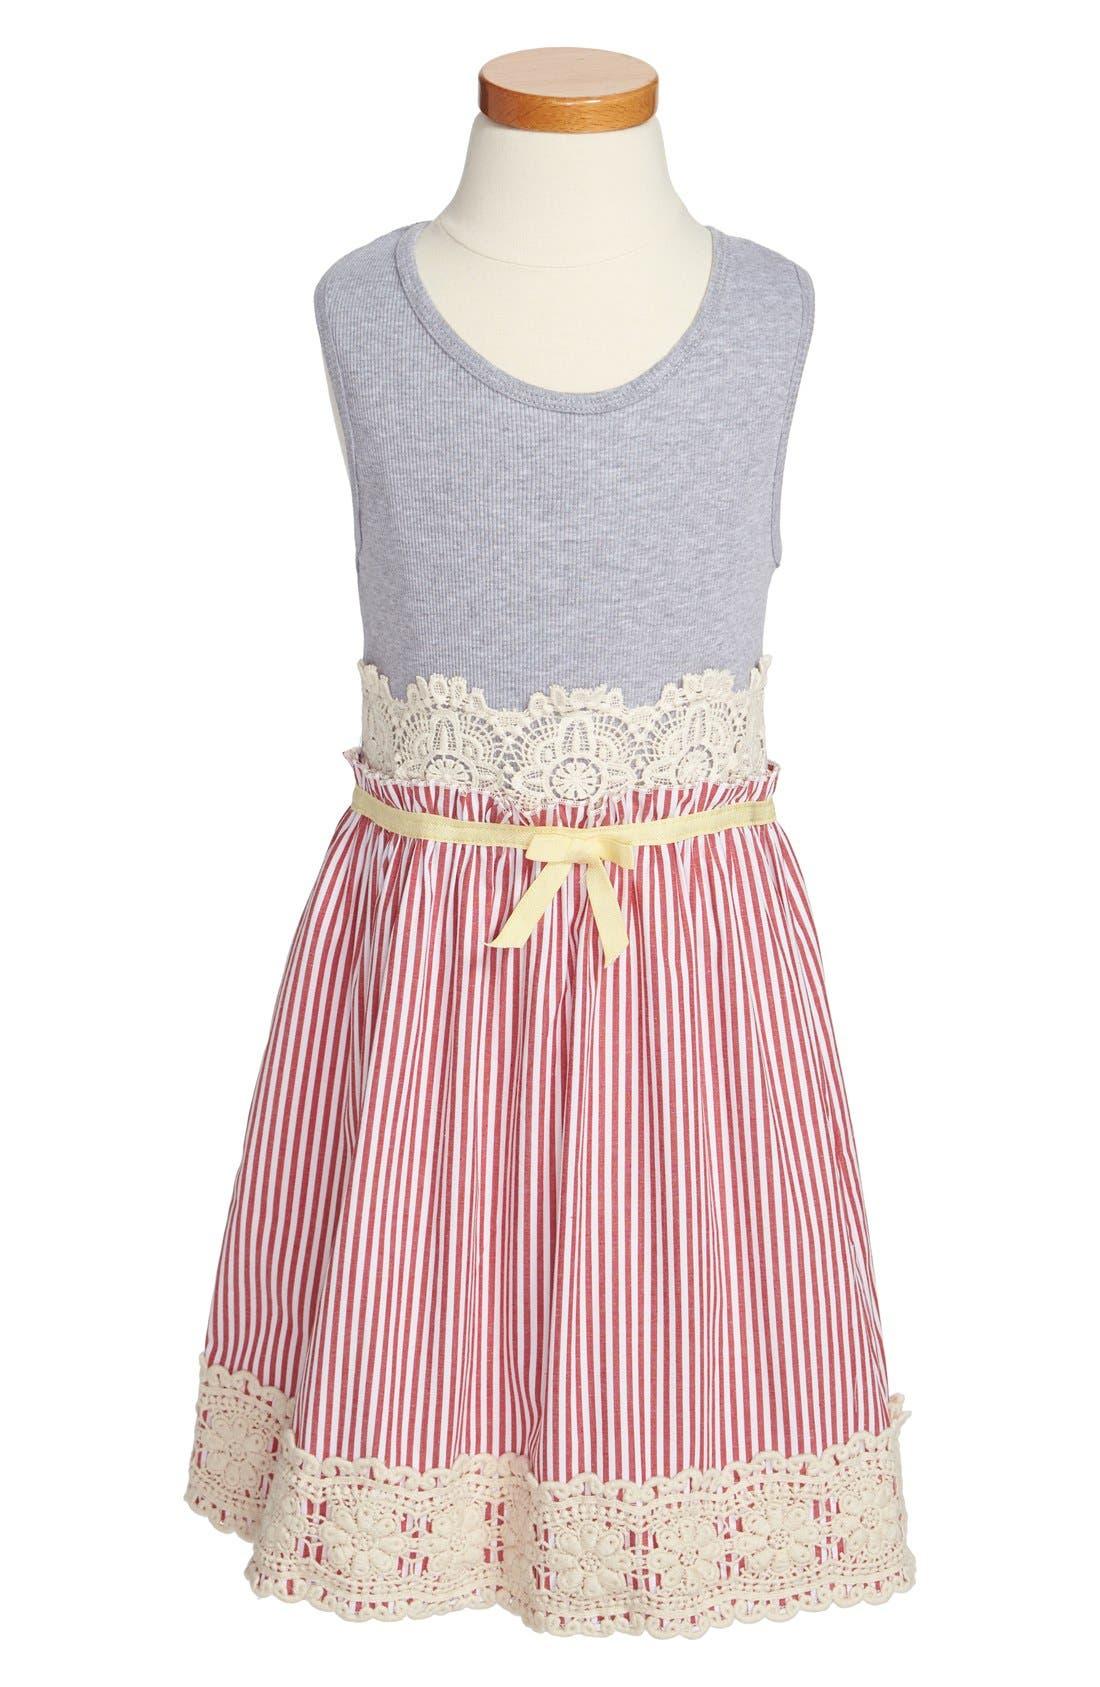 Main Image - Twirls & Twigs Sleeveless Dress (Little Girls & Big Girls)